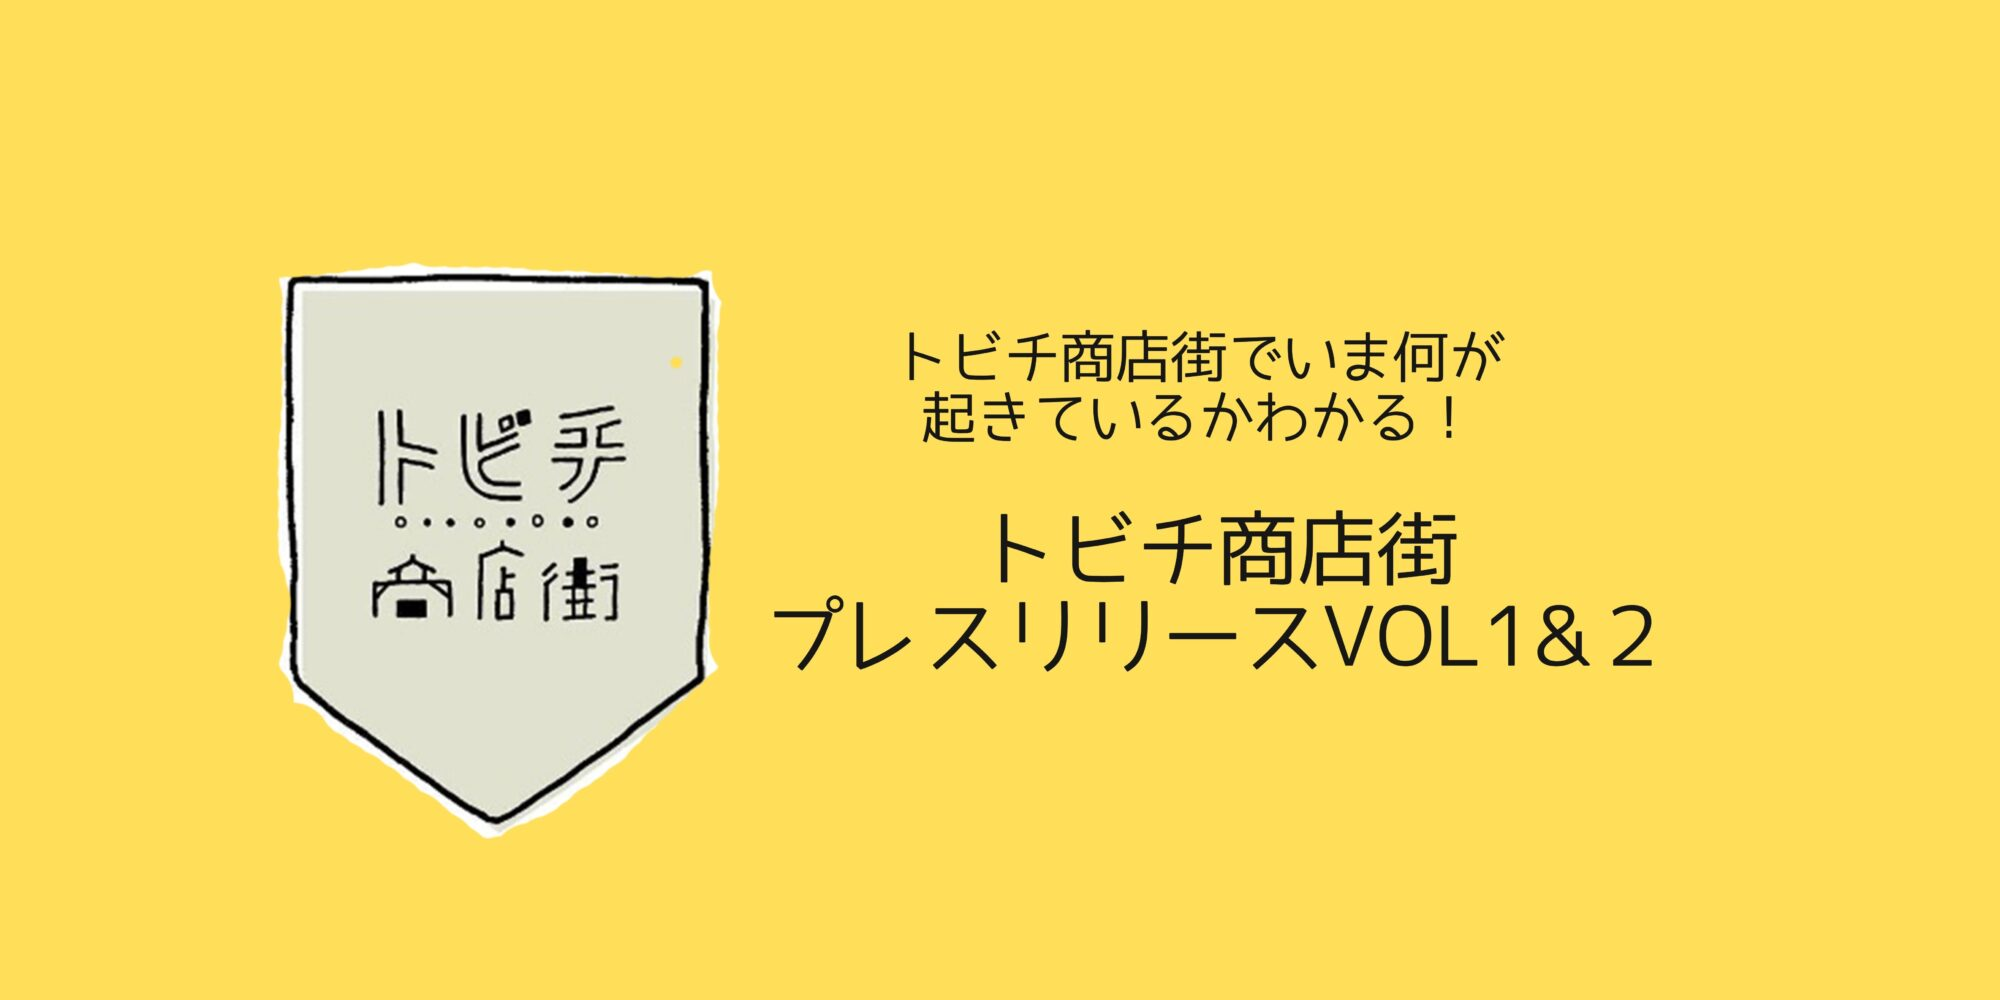 トビチ商店街プレスリリース vol1&2発行しました!